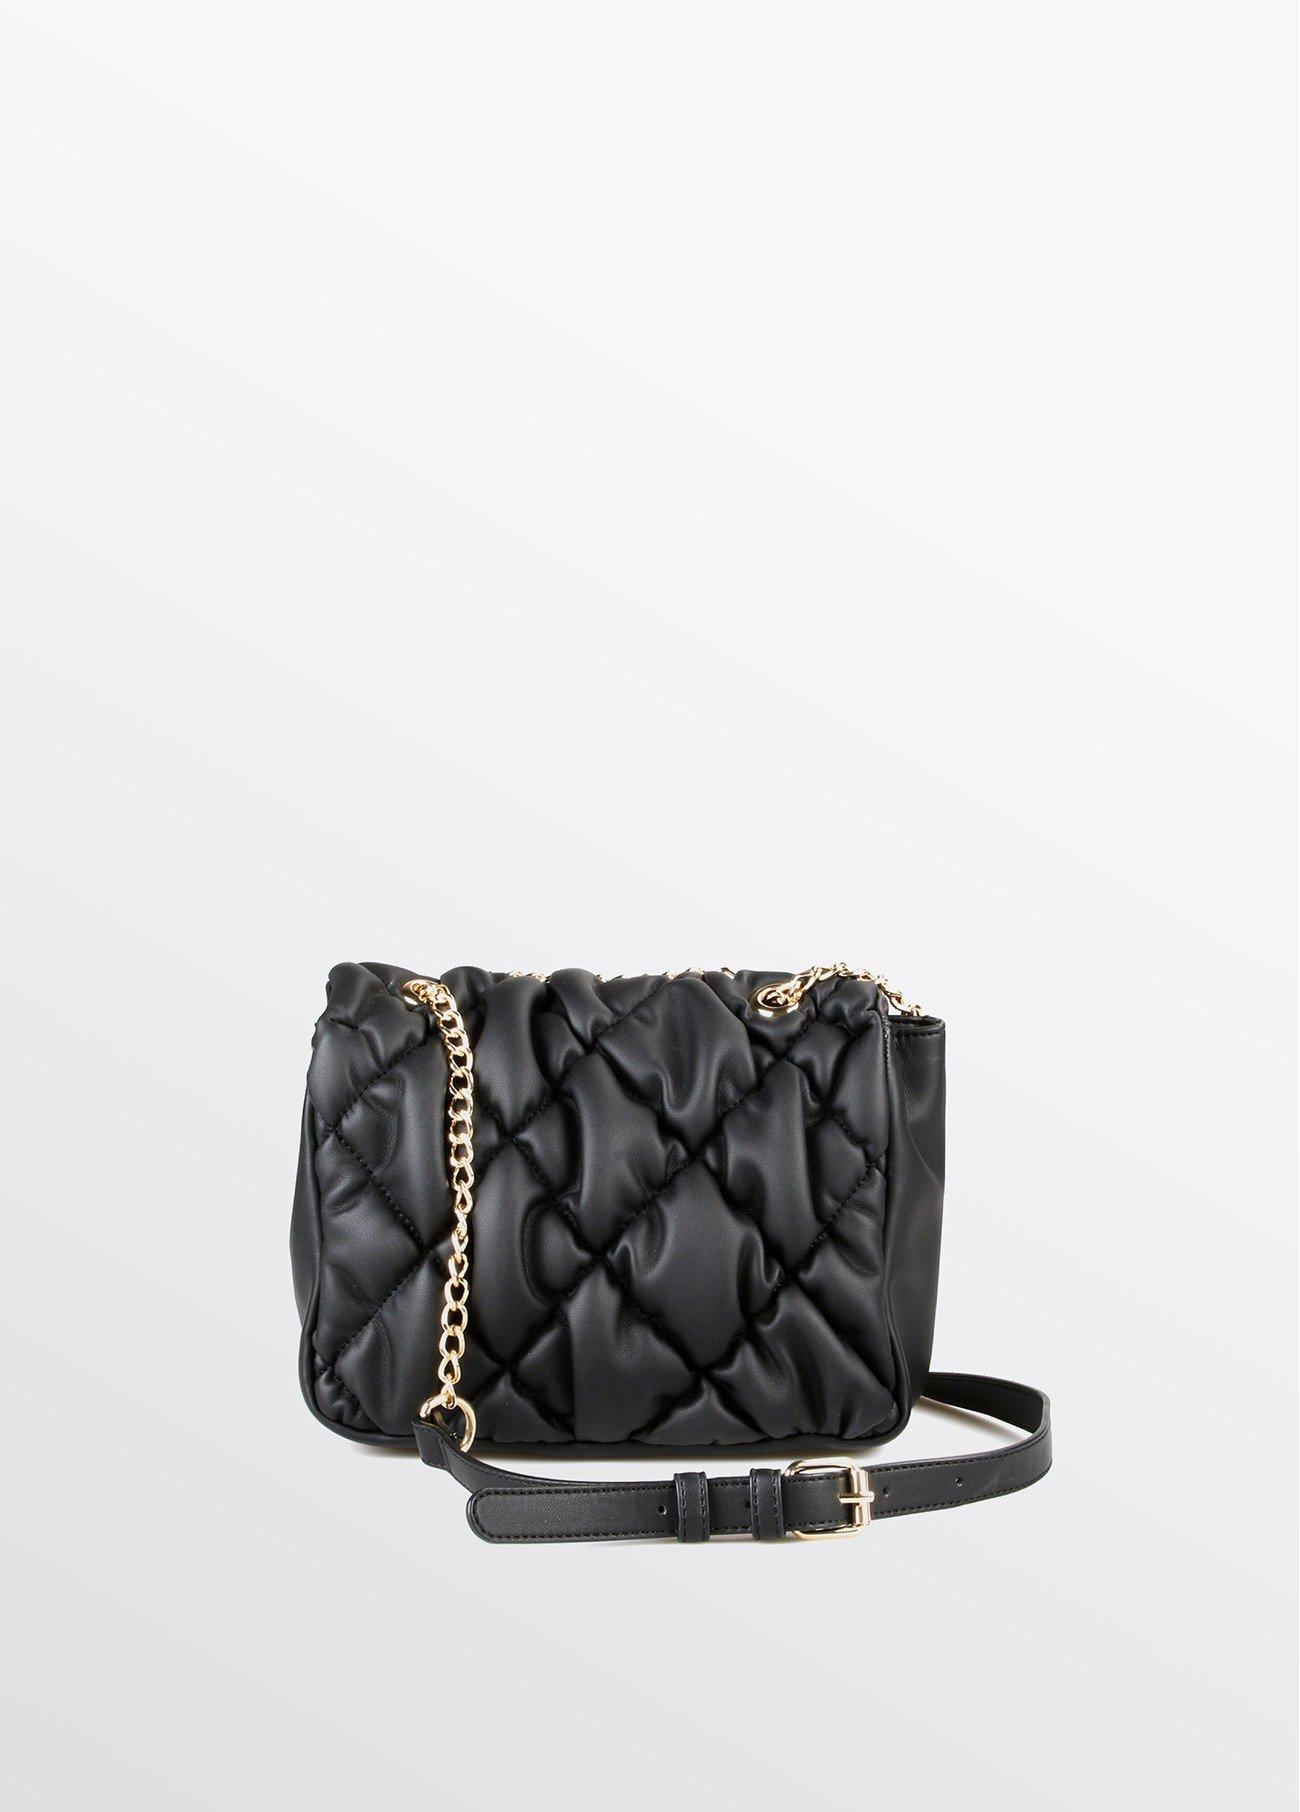 Bolso acolchado con cadena, negro 2